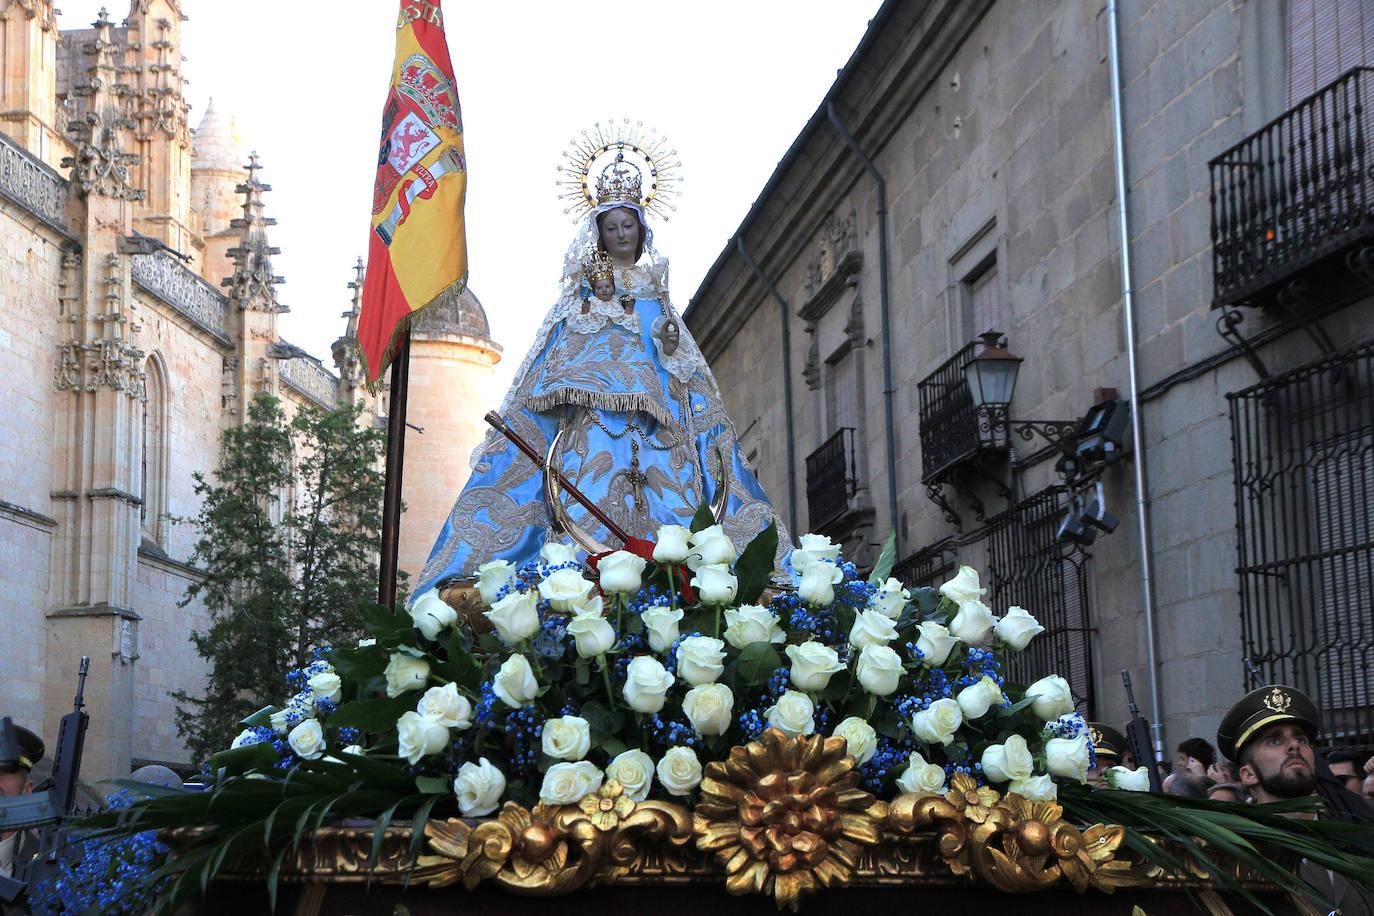 La Virgen de la Fuencisla regresa a su santuario